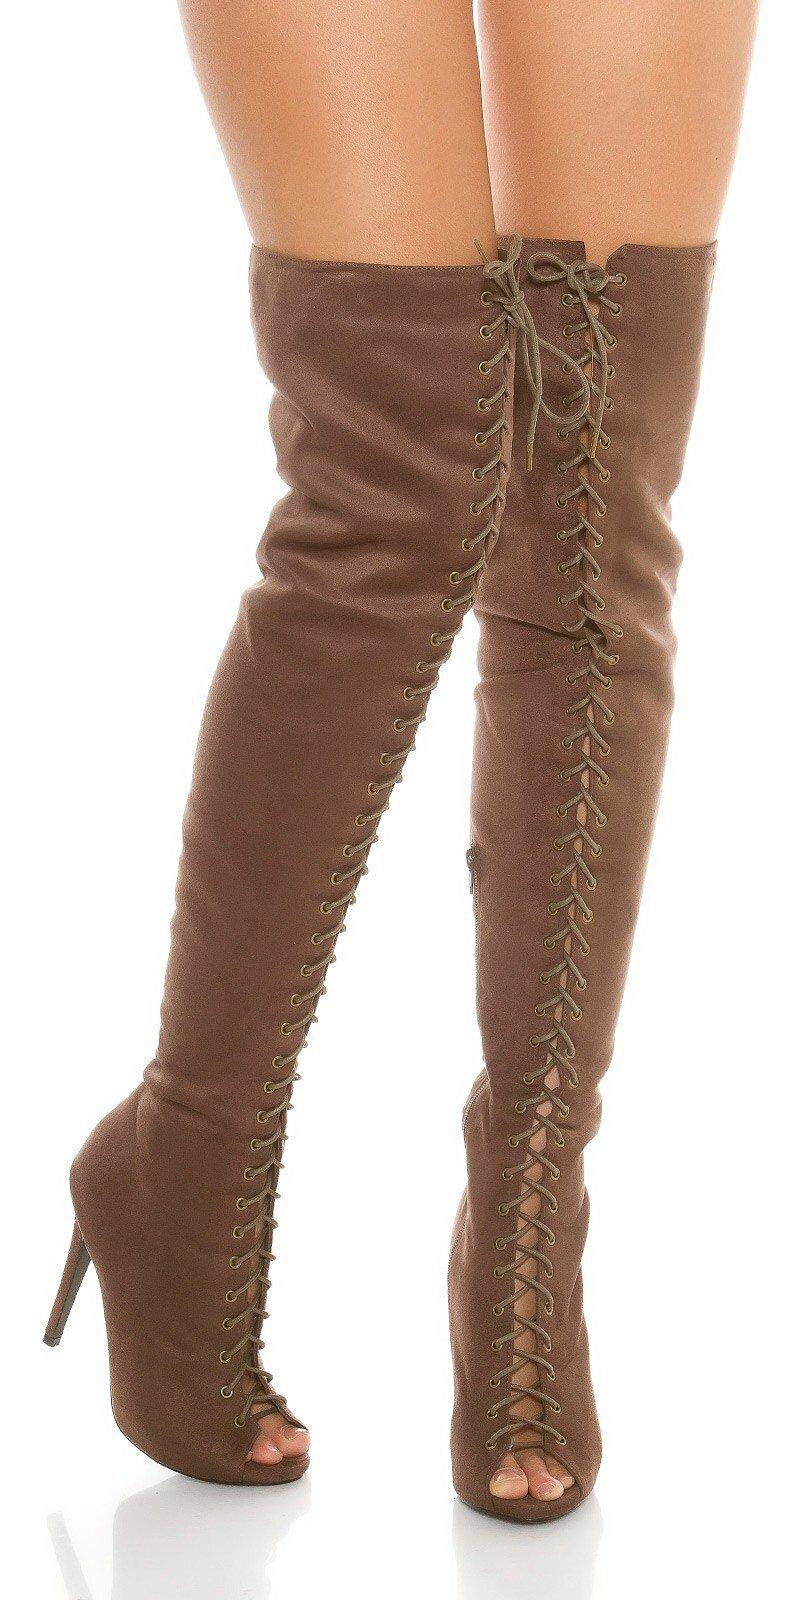 da72ee1c8 Dámske luxusné čižmy nad kolená ,,KylieJ. look,, - NajlepsiaModa.sk